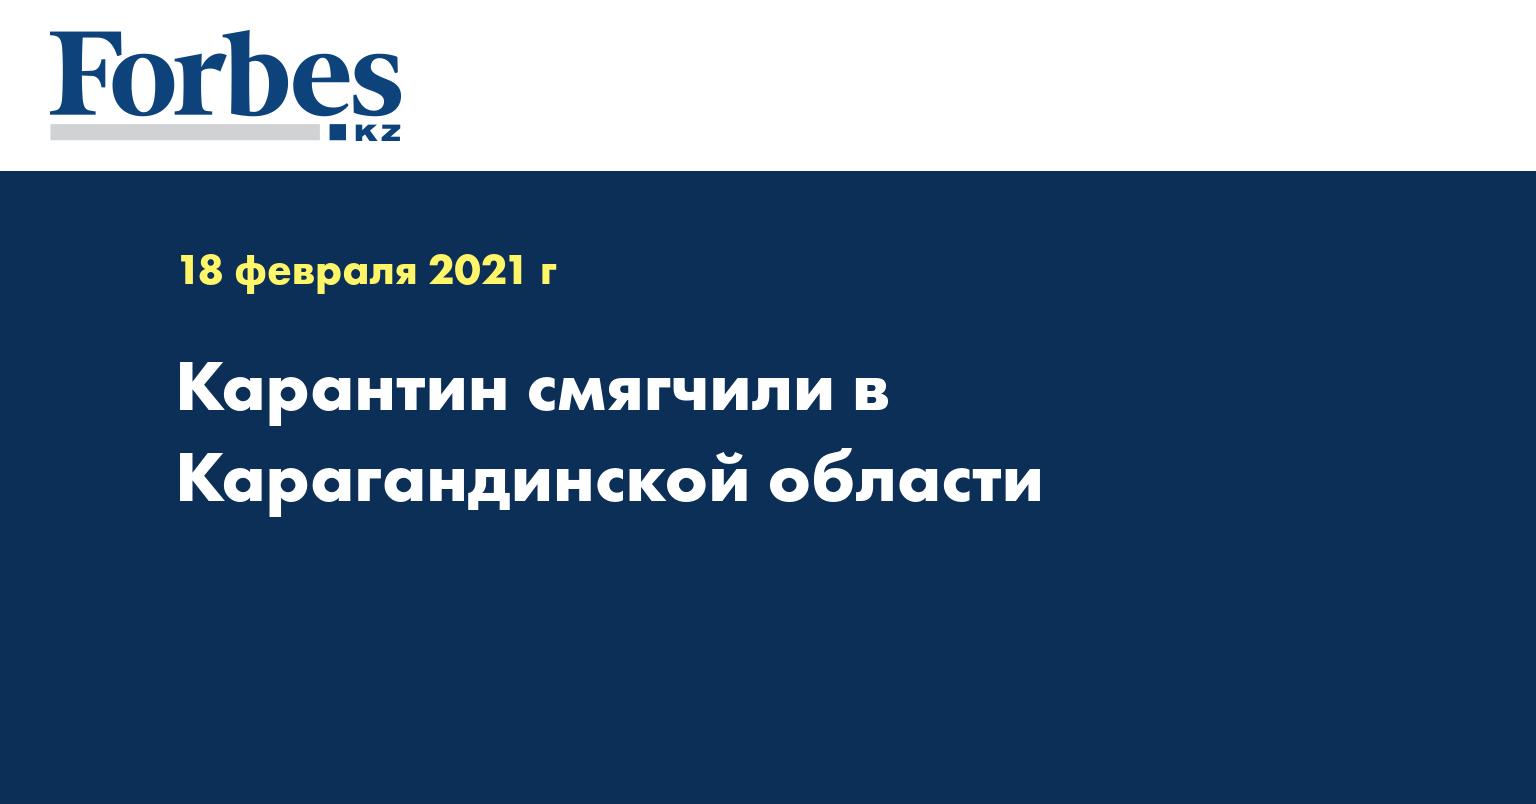 Карантин смягчили в Карагандинской области